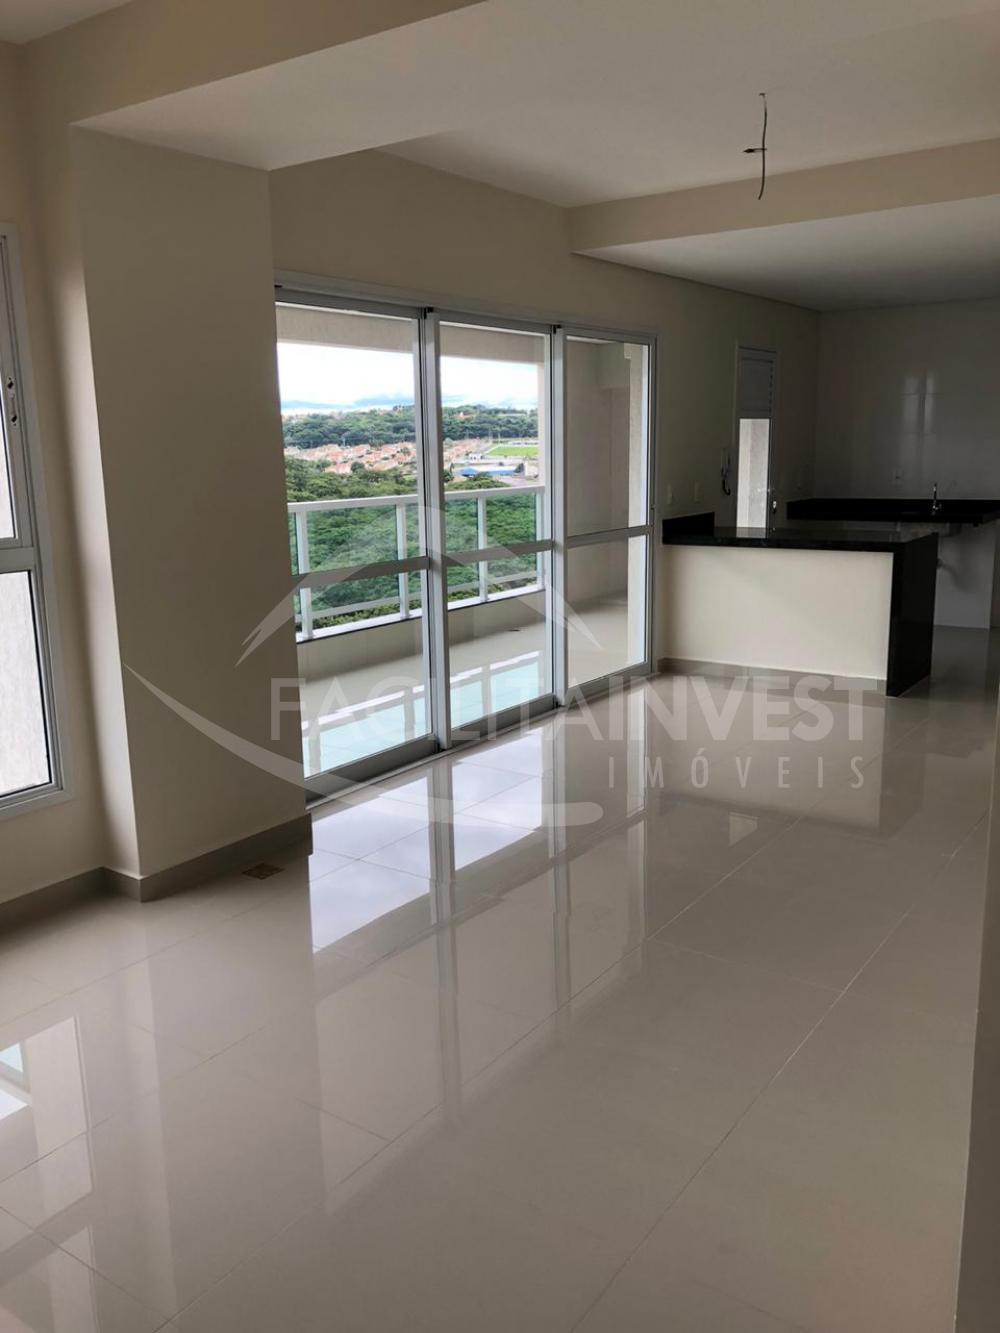 Alugar Apartamentos / Apart. Padrão em Ribeirão Preto apenas R$ 2.800,00 - Foto 2